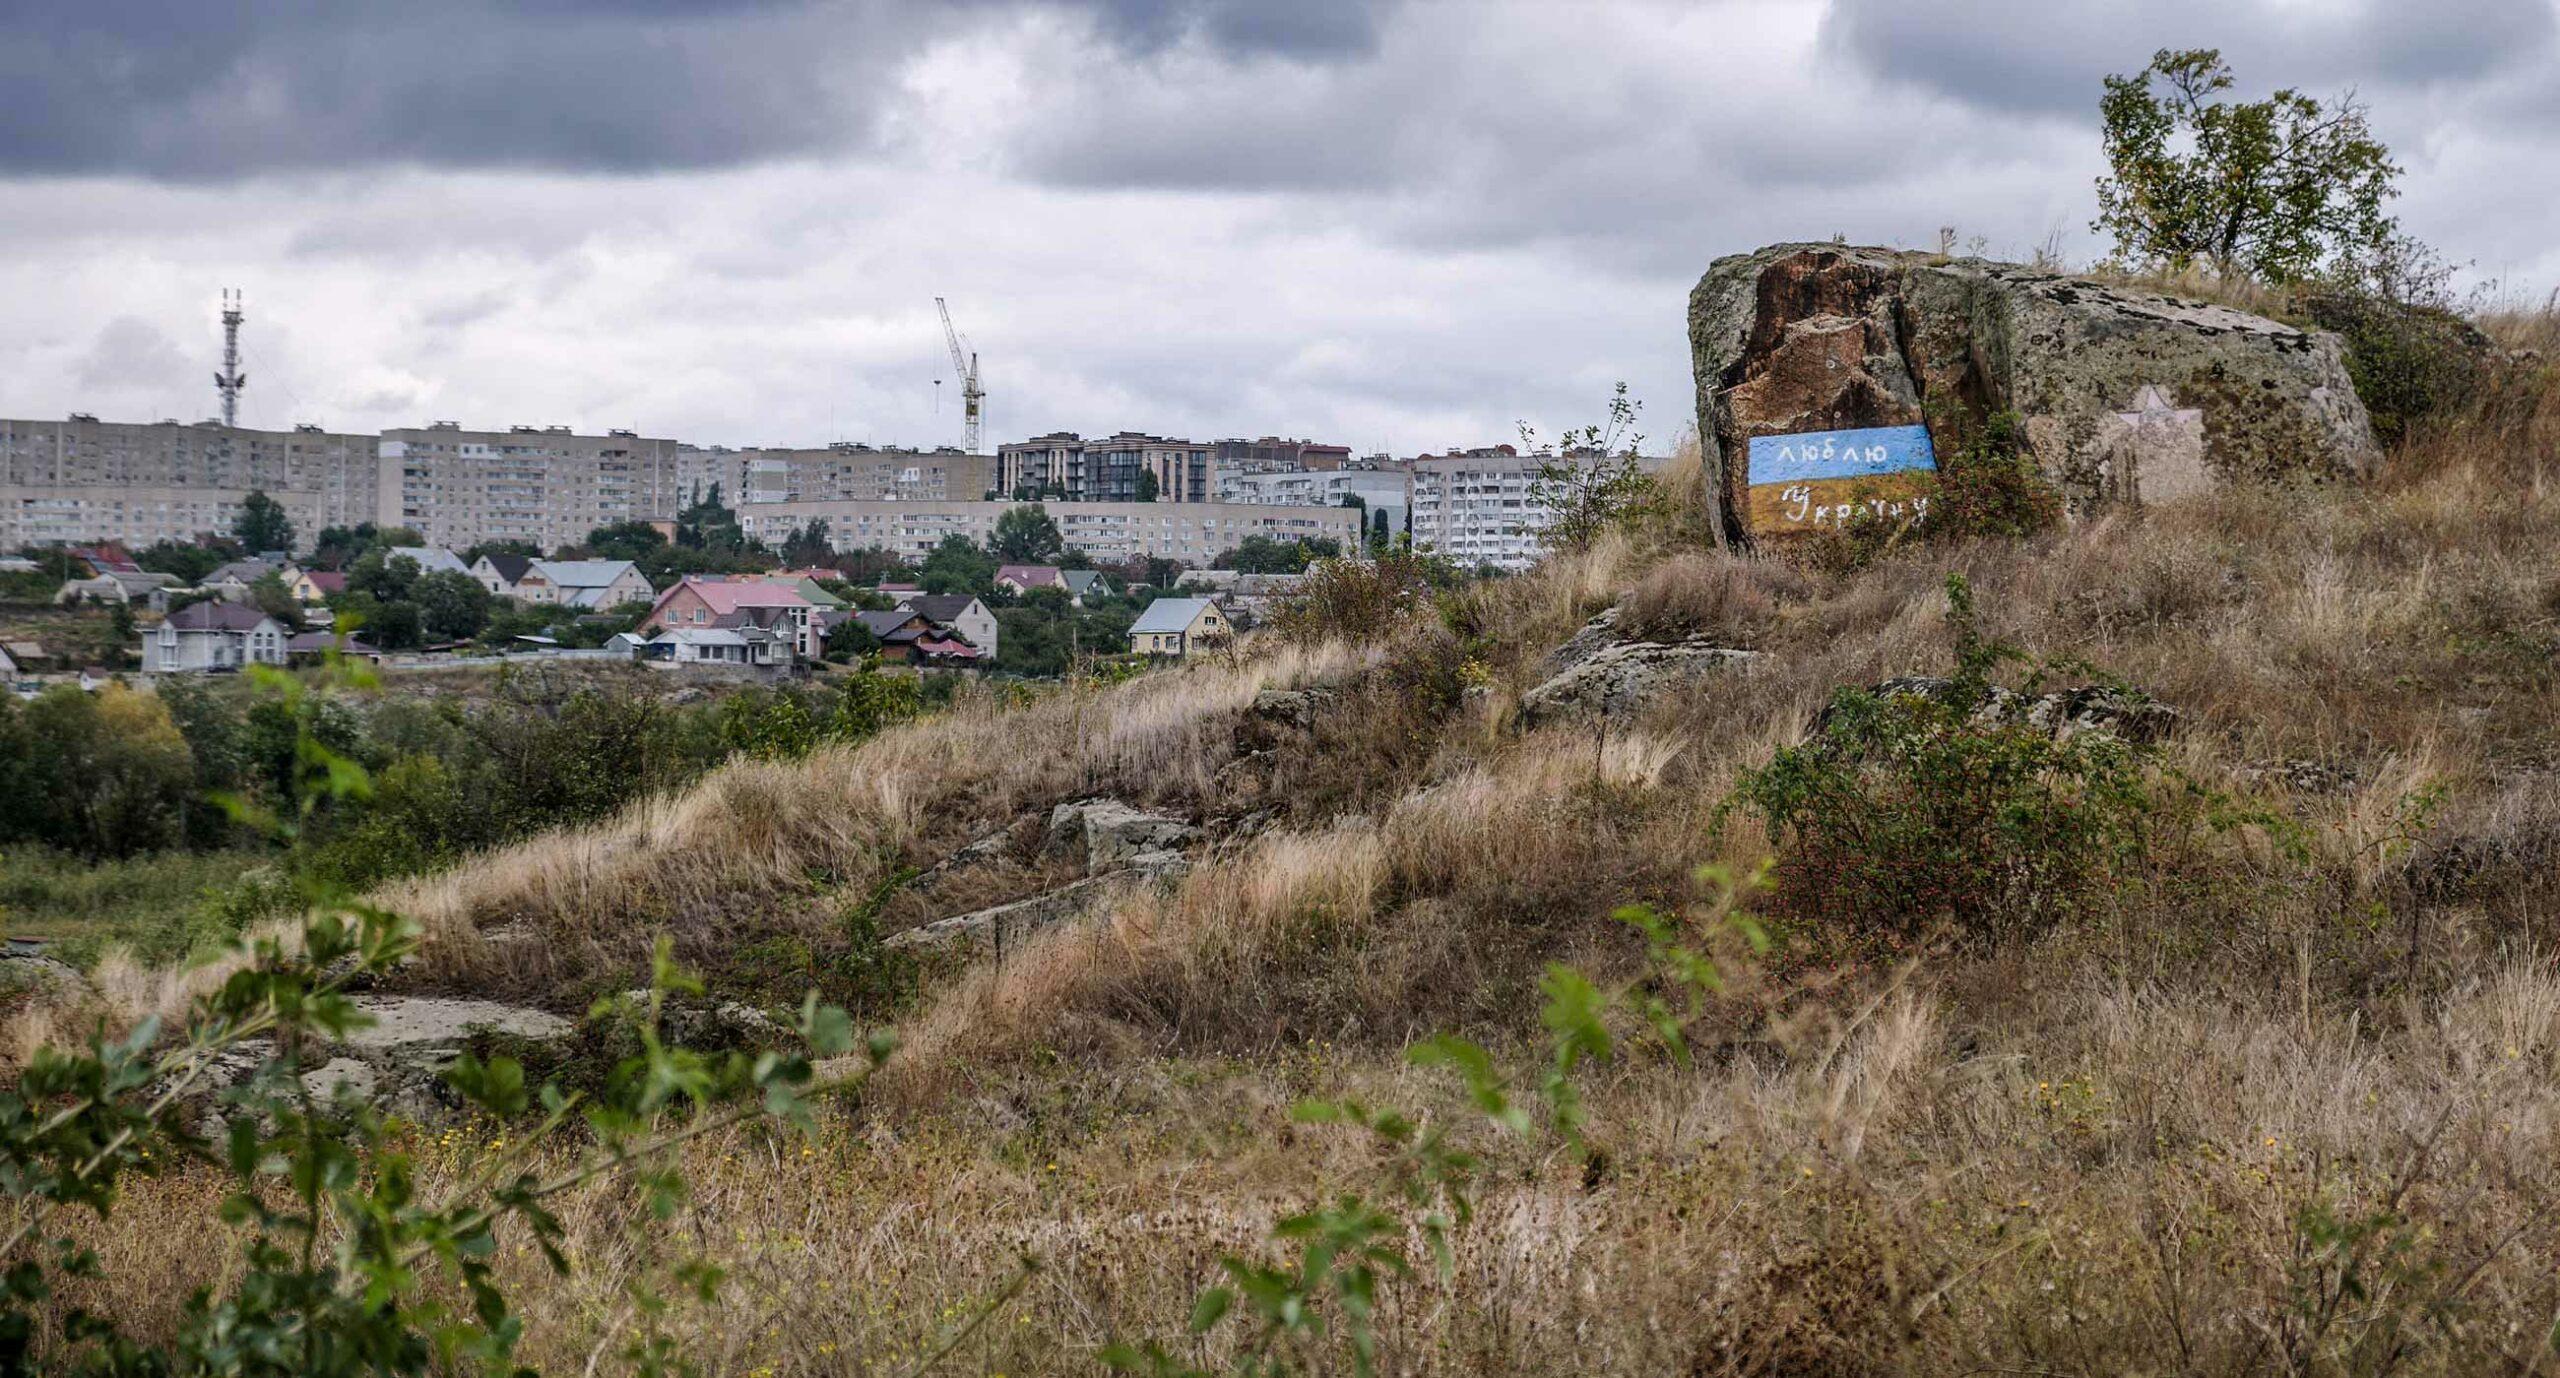 В Богдановке оккупанты за неделю убили 54 тысячи евреев. Мы поехали туда 80 лет спустя